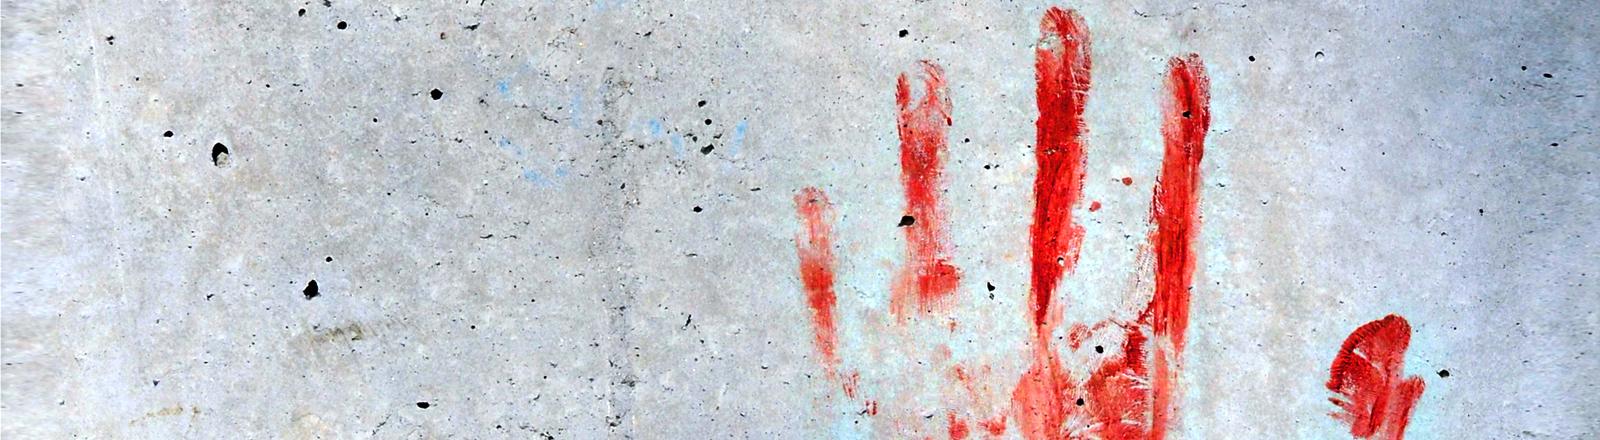 Ein blutiger Handabdruck auf einer grauen Wand.